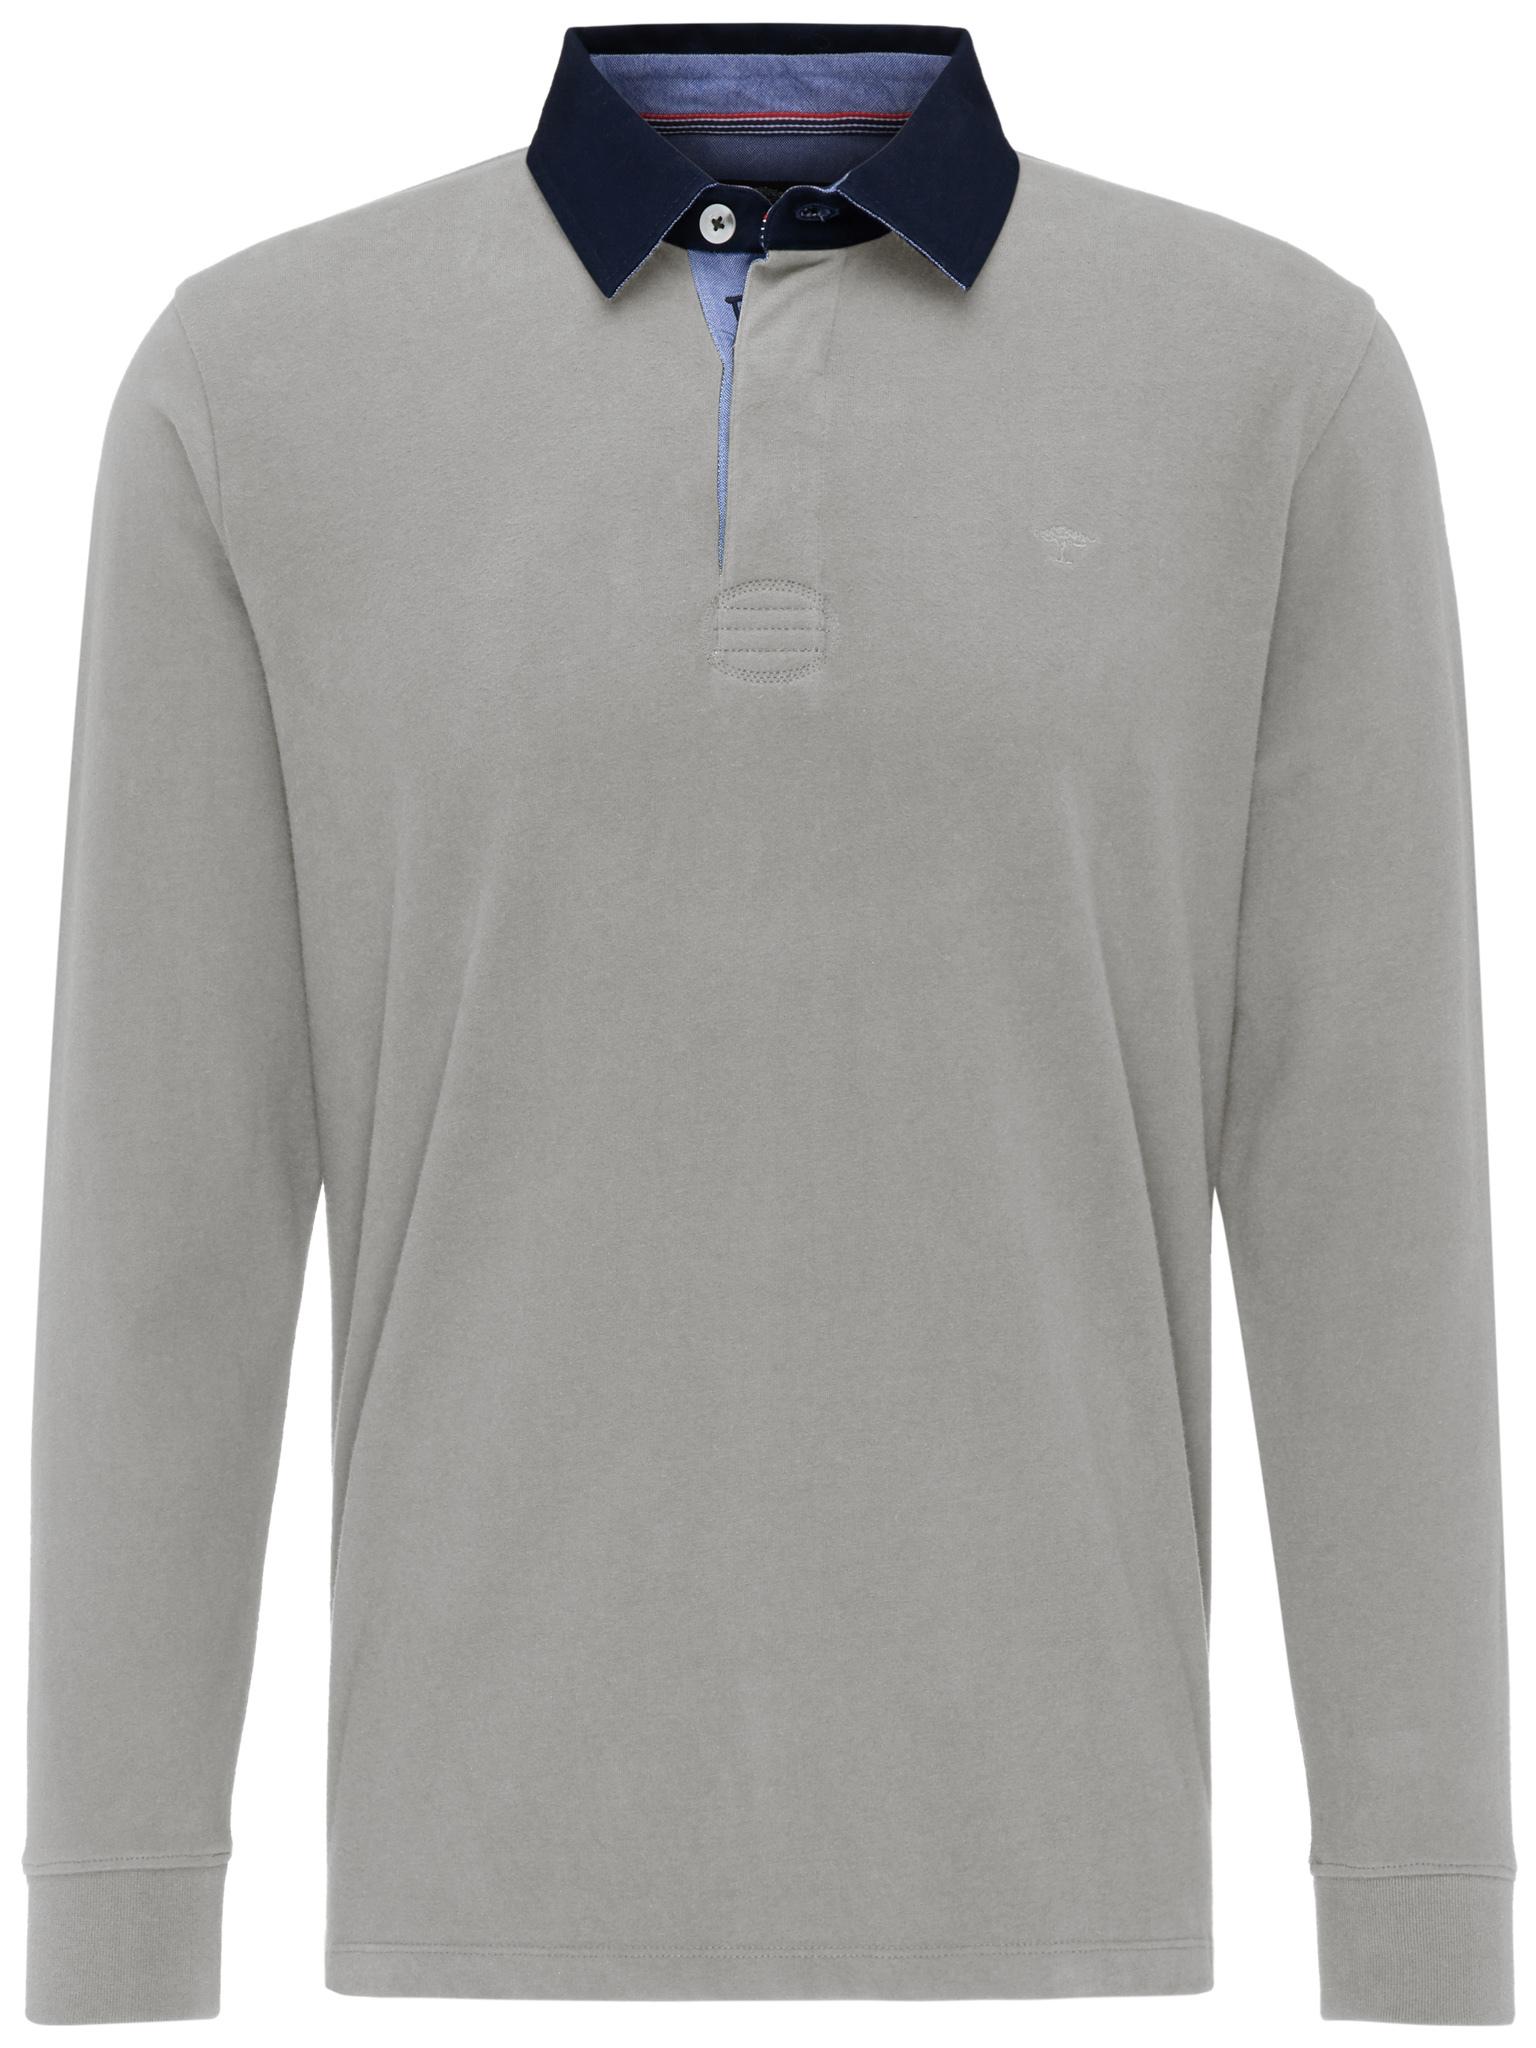 Fynch Hatton cotton half zip knit in silver